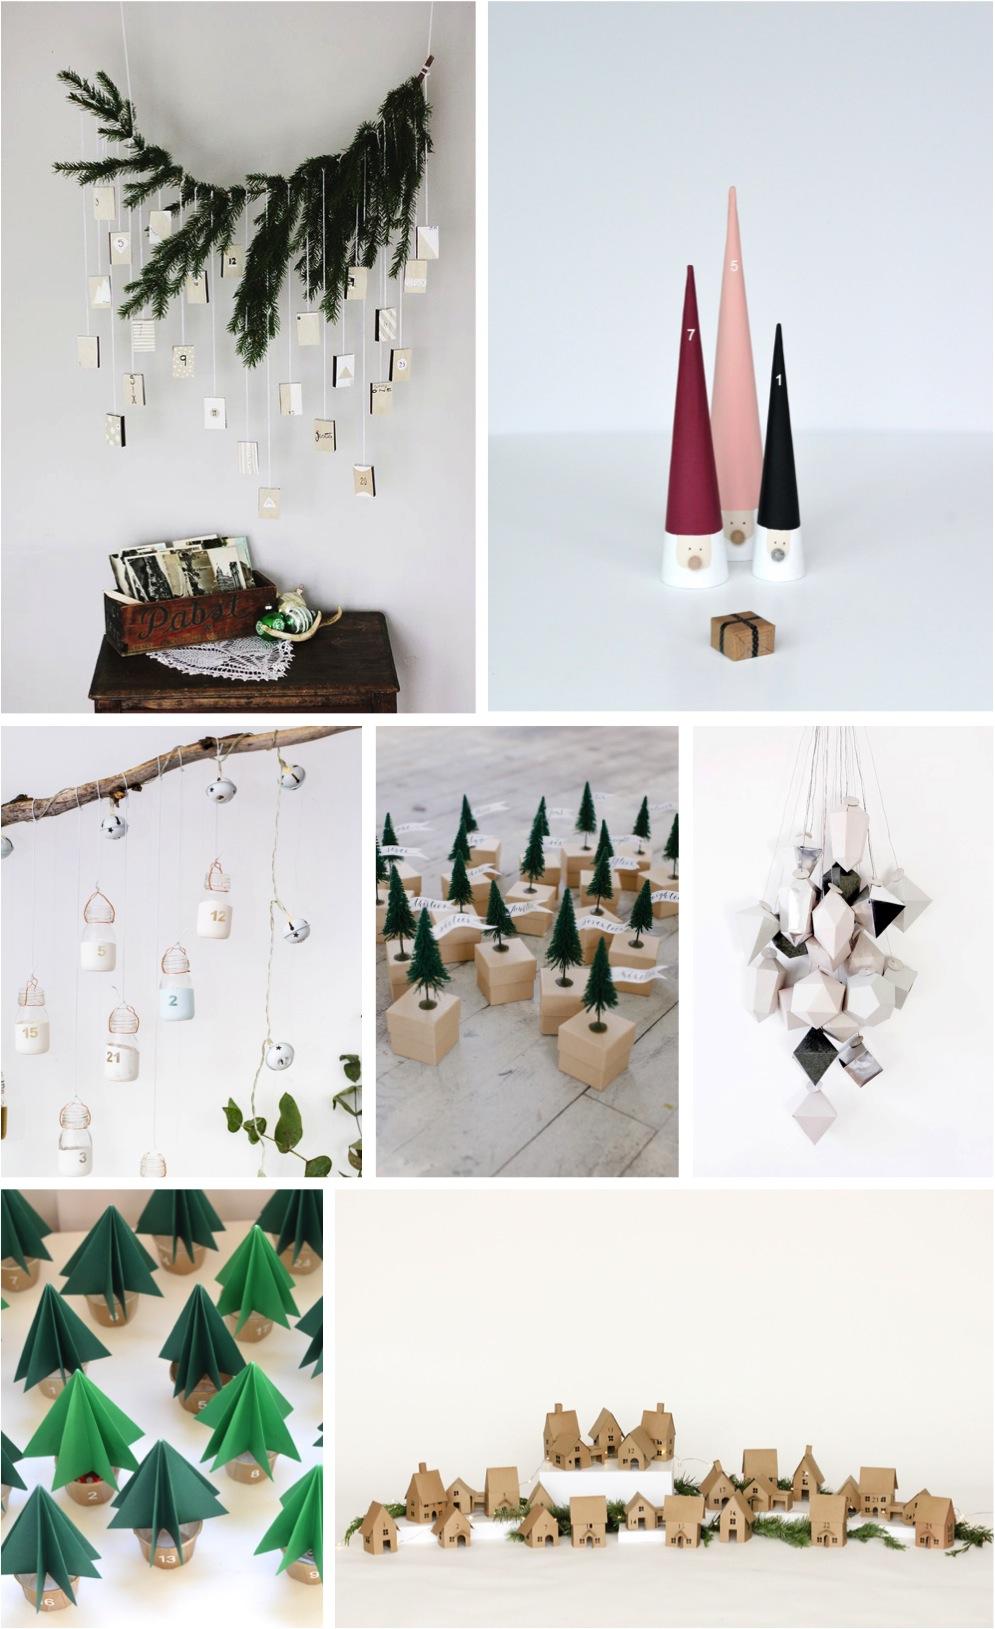 Calendar Ideas For Home : Diy advent calendar ideas to inspire you home